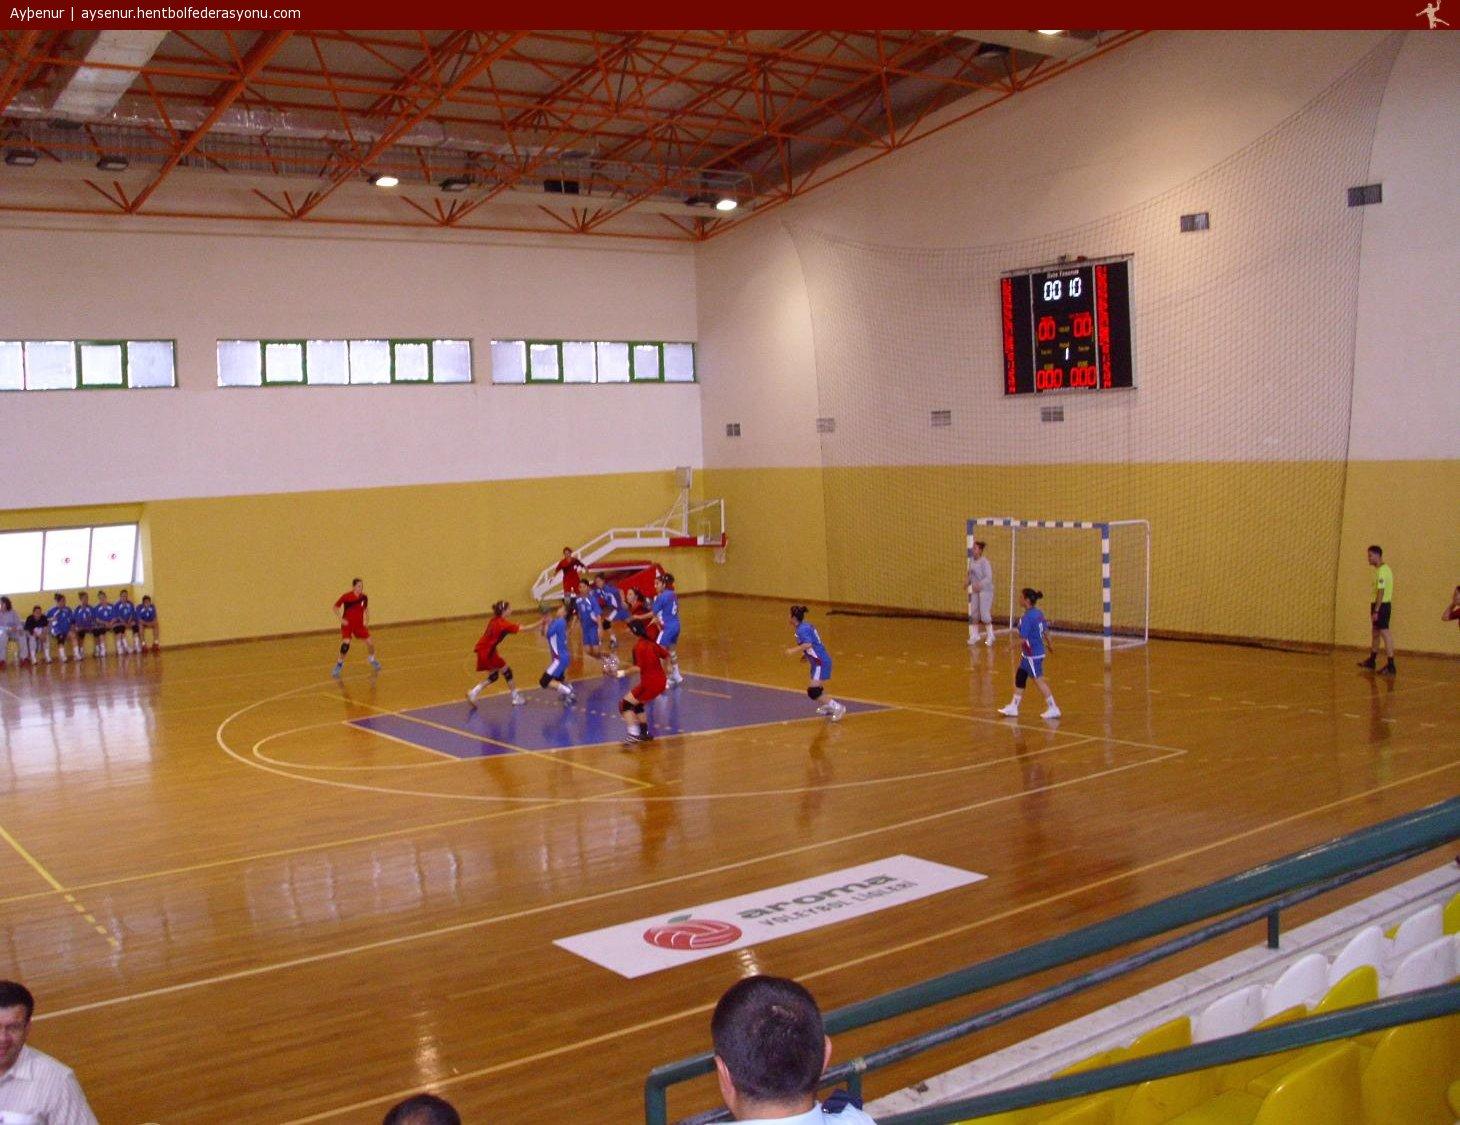 Ankara Gazi-Antalya Muratpaşa,ankara,muratpaşa hentbol